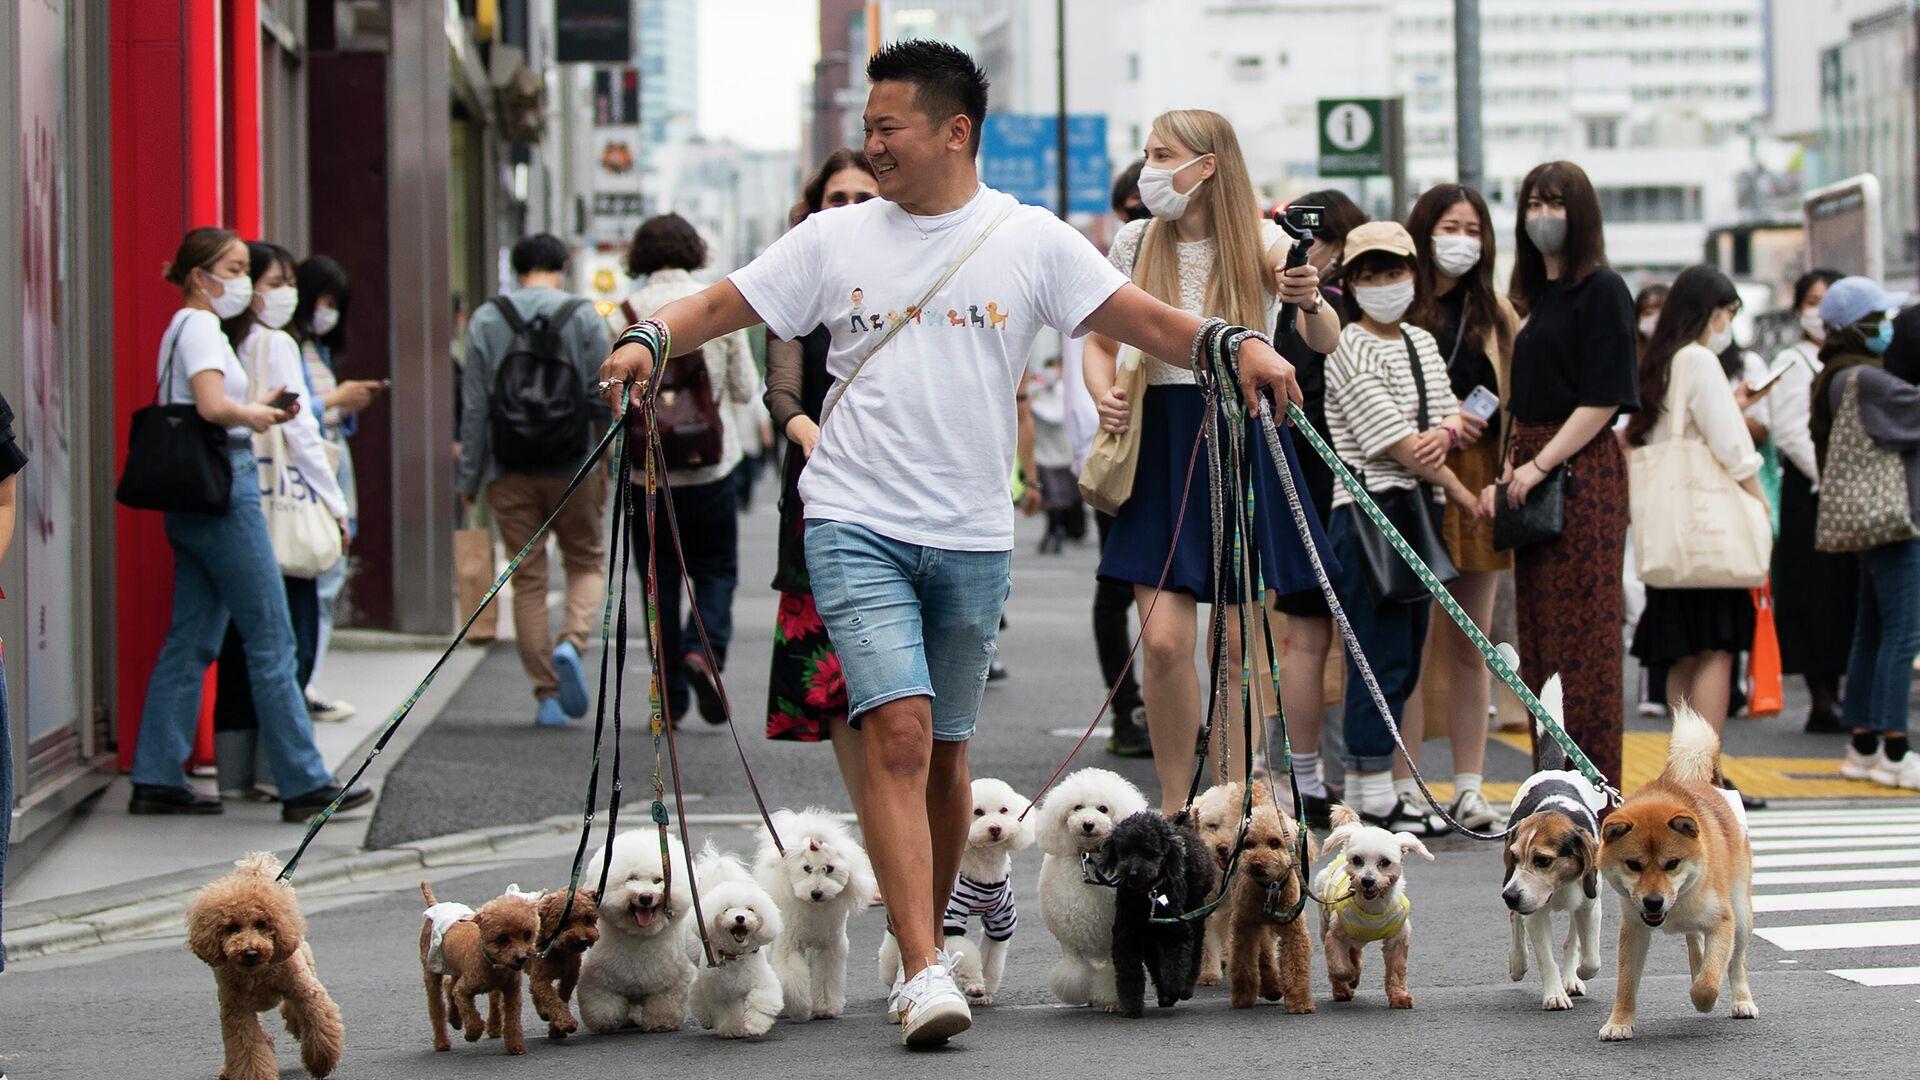 Специалист по выгулу собак переводит их через дорогу в Токио - РИА Новости, 1920, 25.06.2021